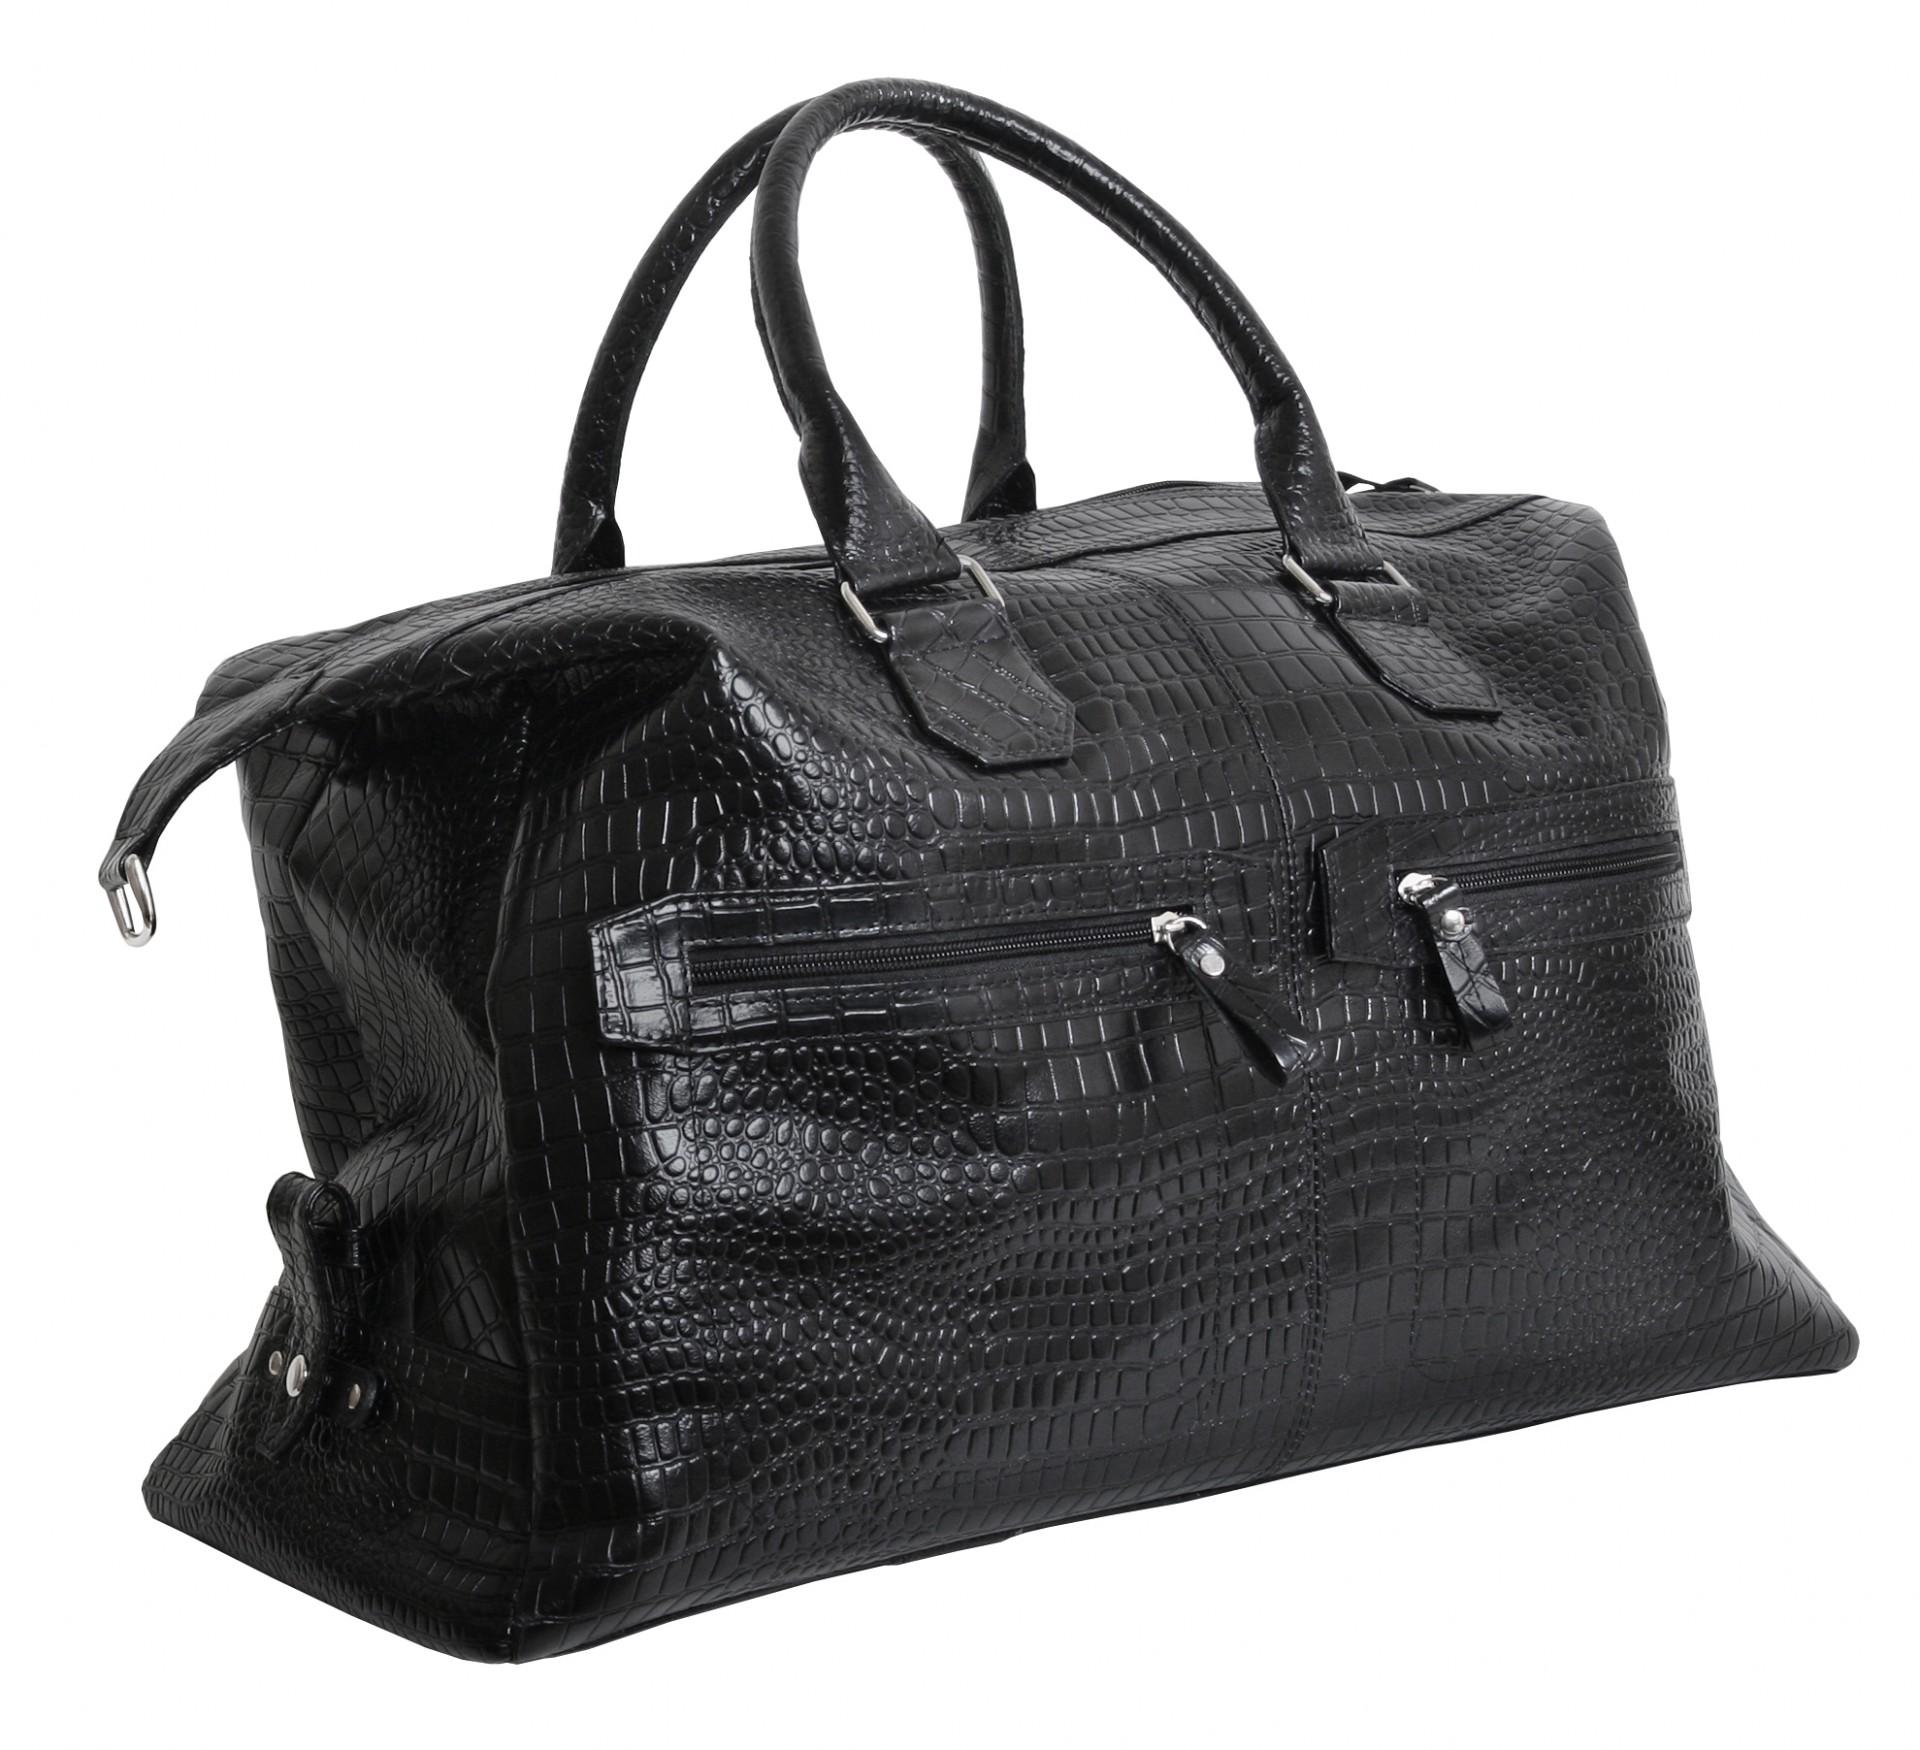 23815f16 Дорожная вместительная кожаная сумка премиум класса VIP COLLECTION (0-2084)